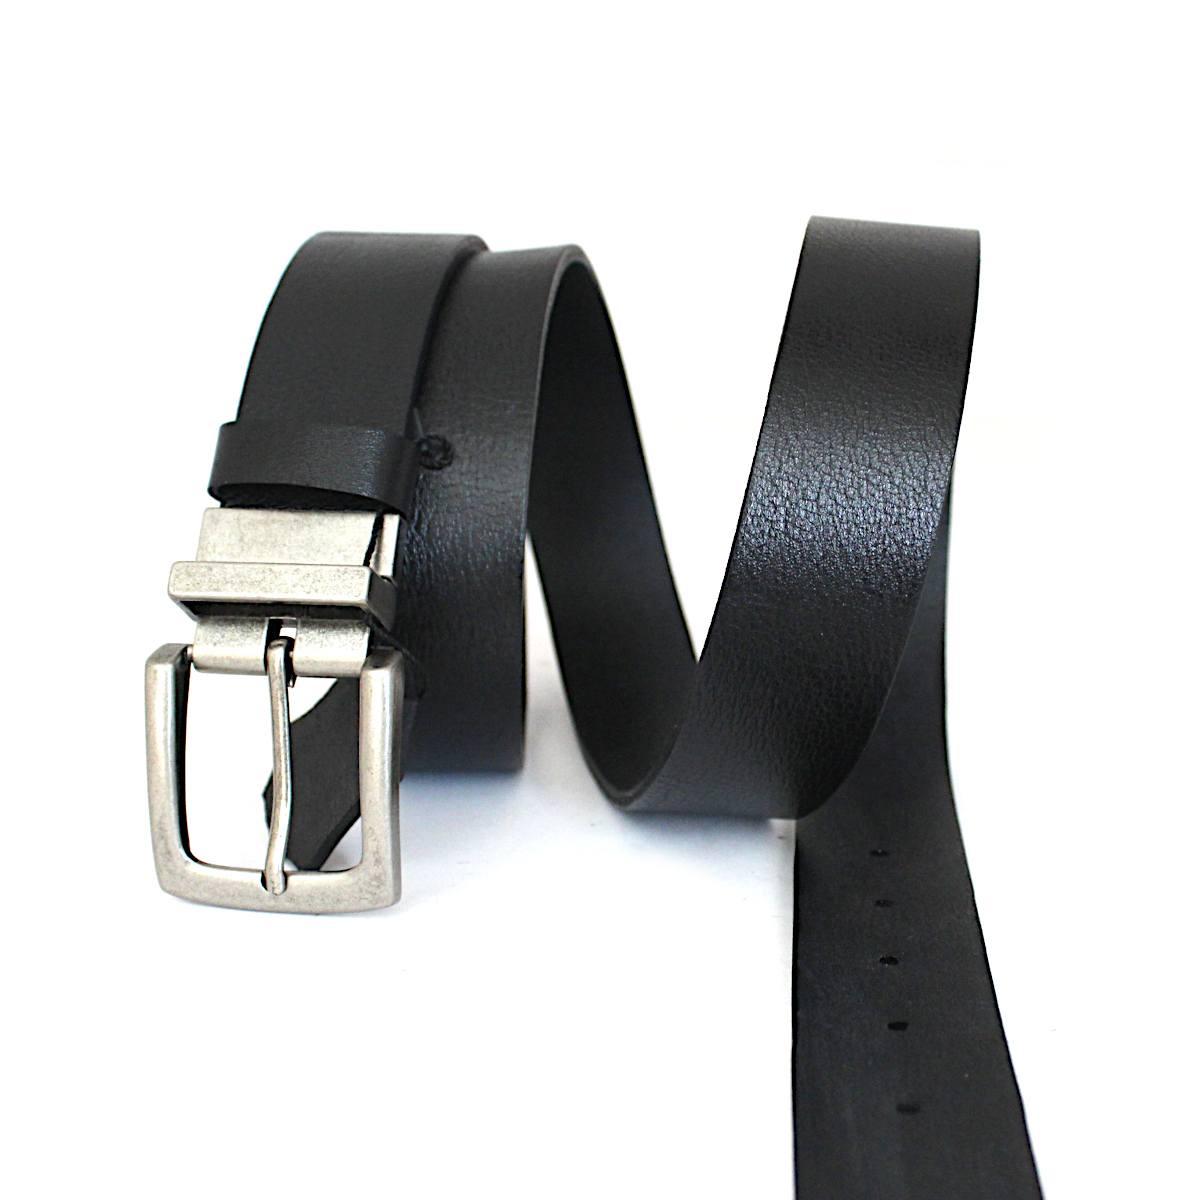 Класически колан от естествена кожа в черно и сребристо 3469 цял